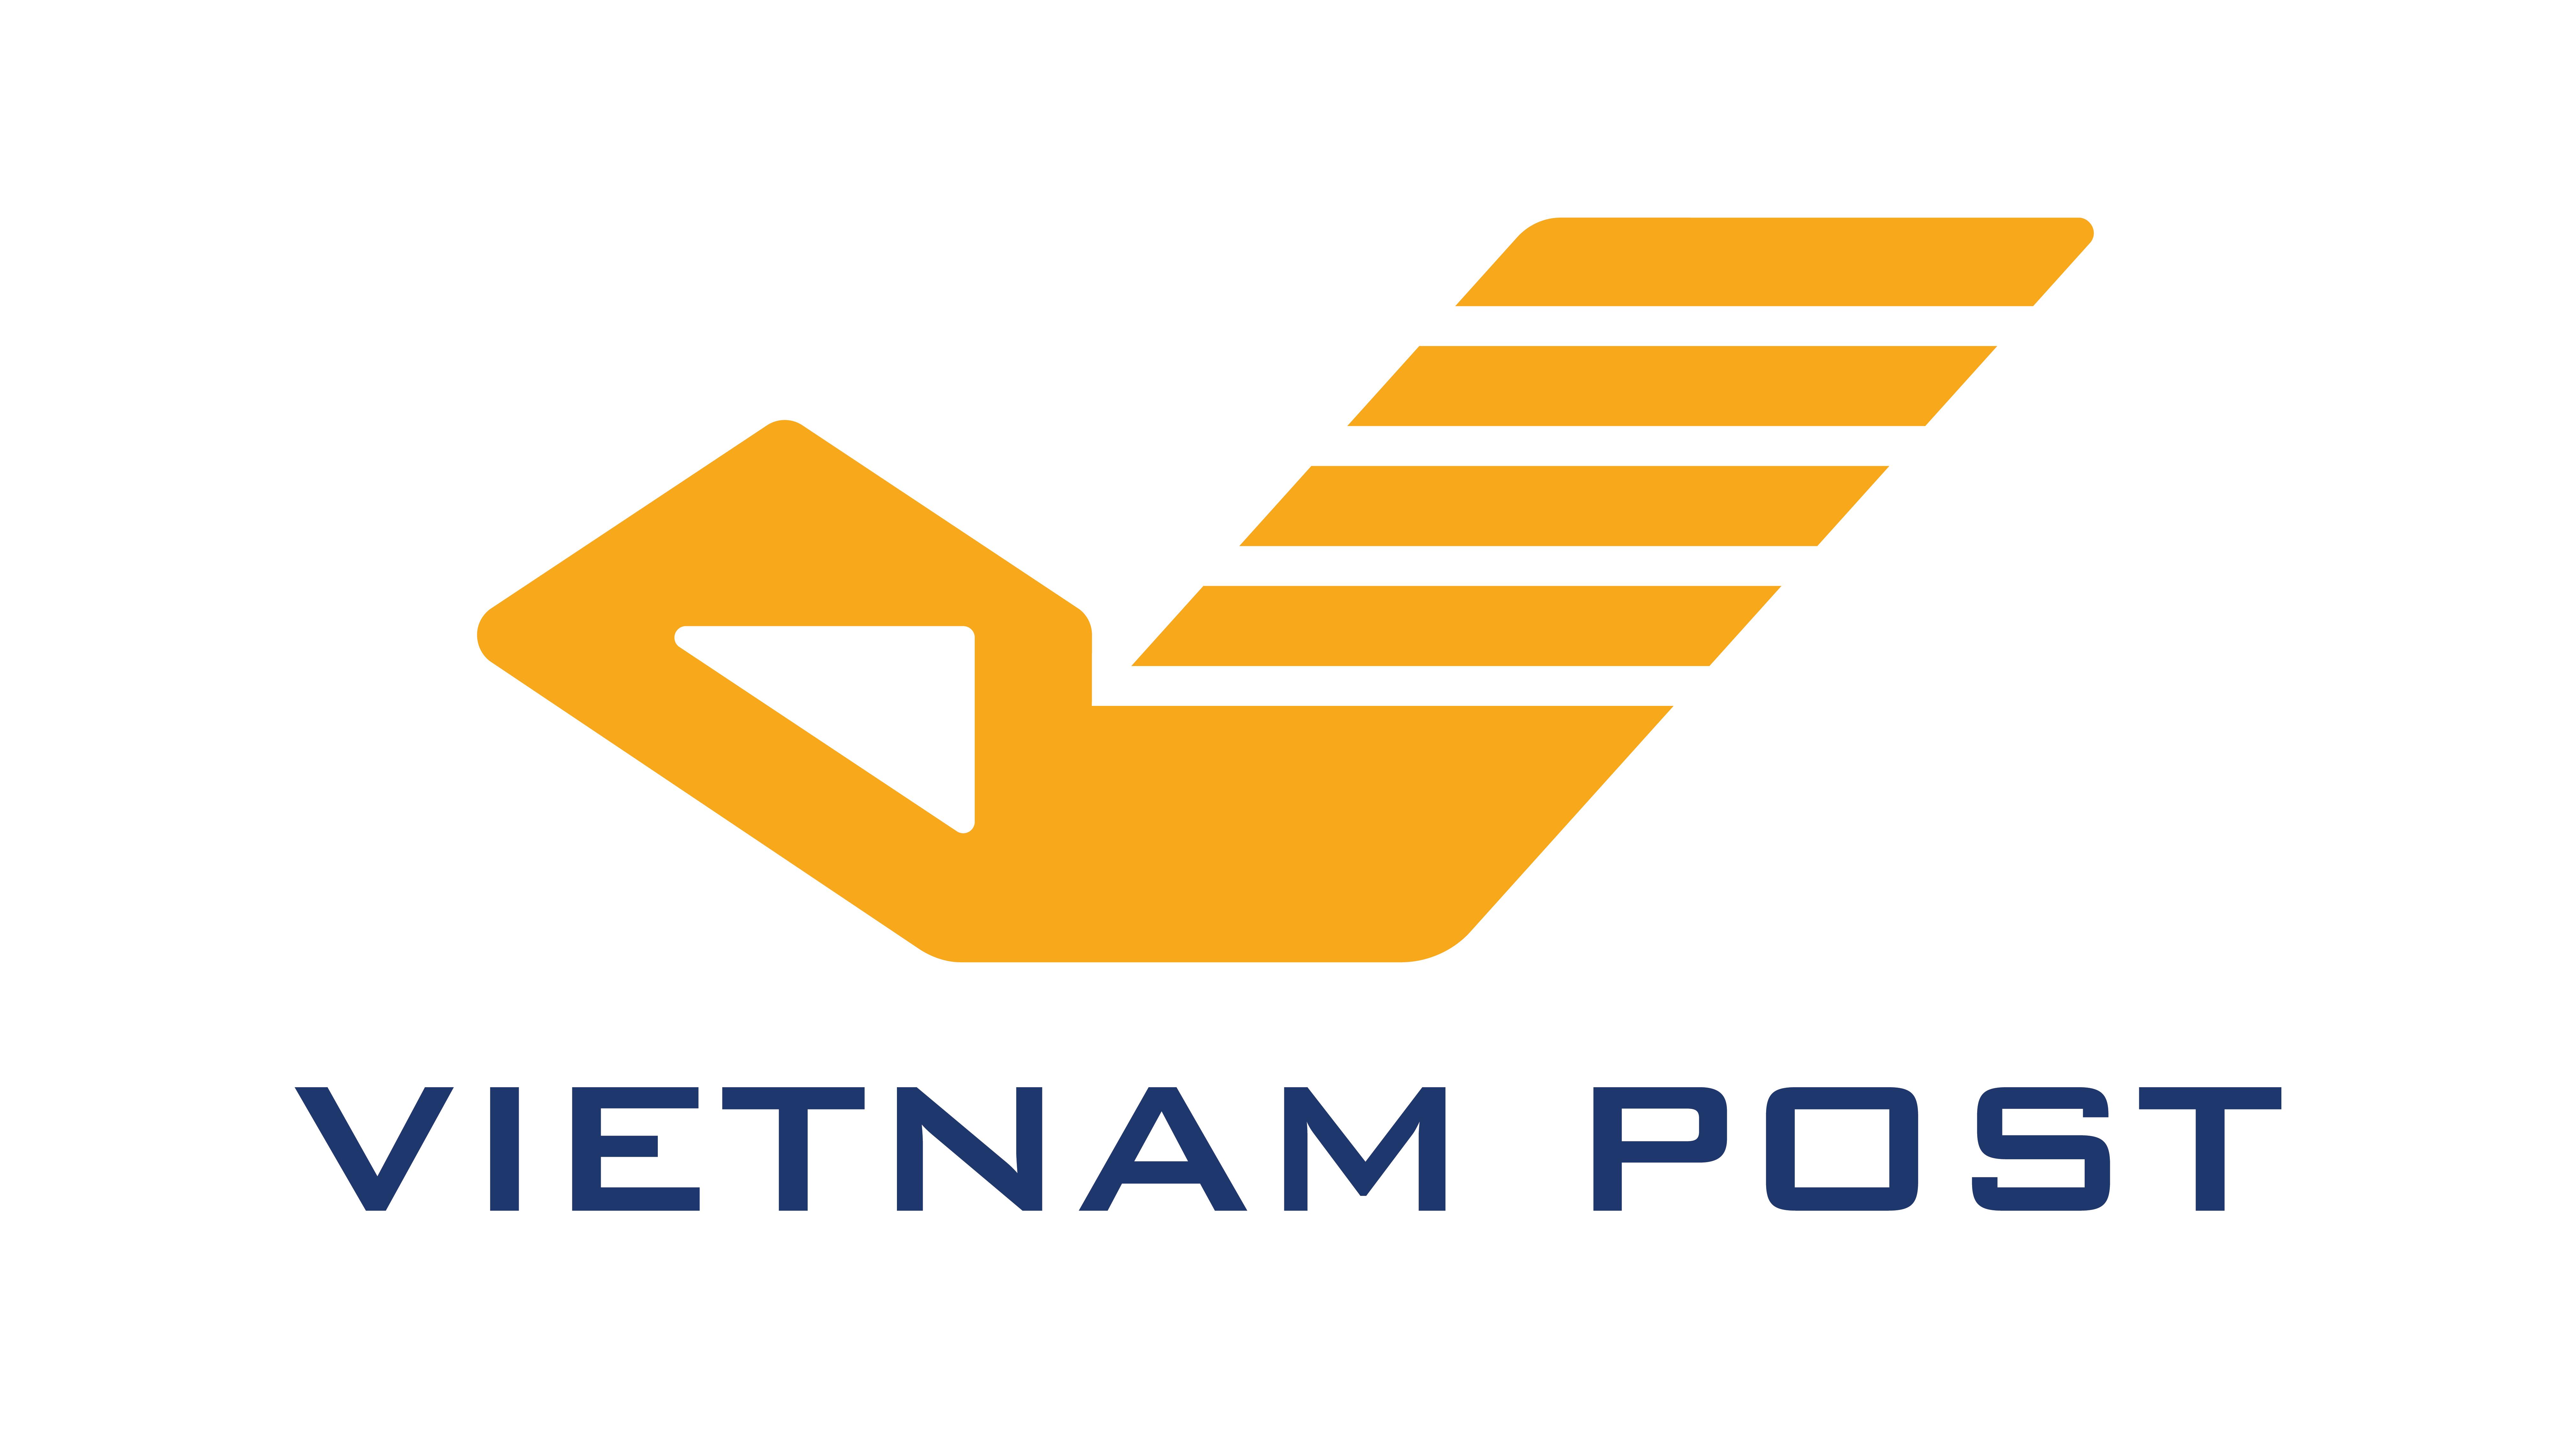 Vietnampost